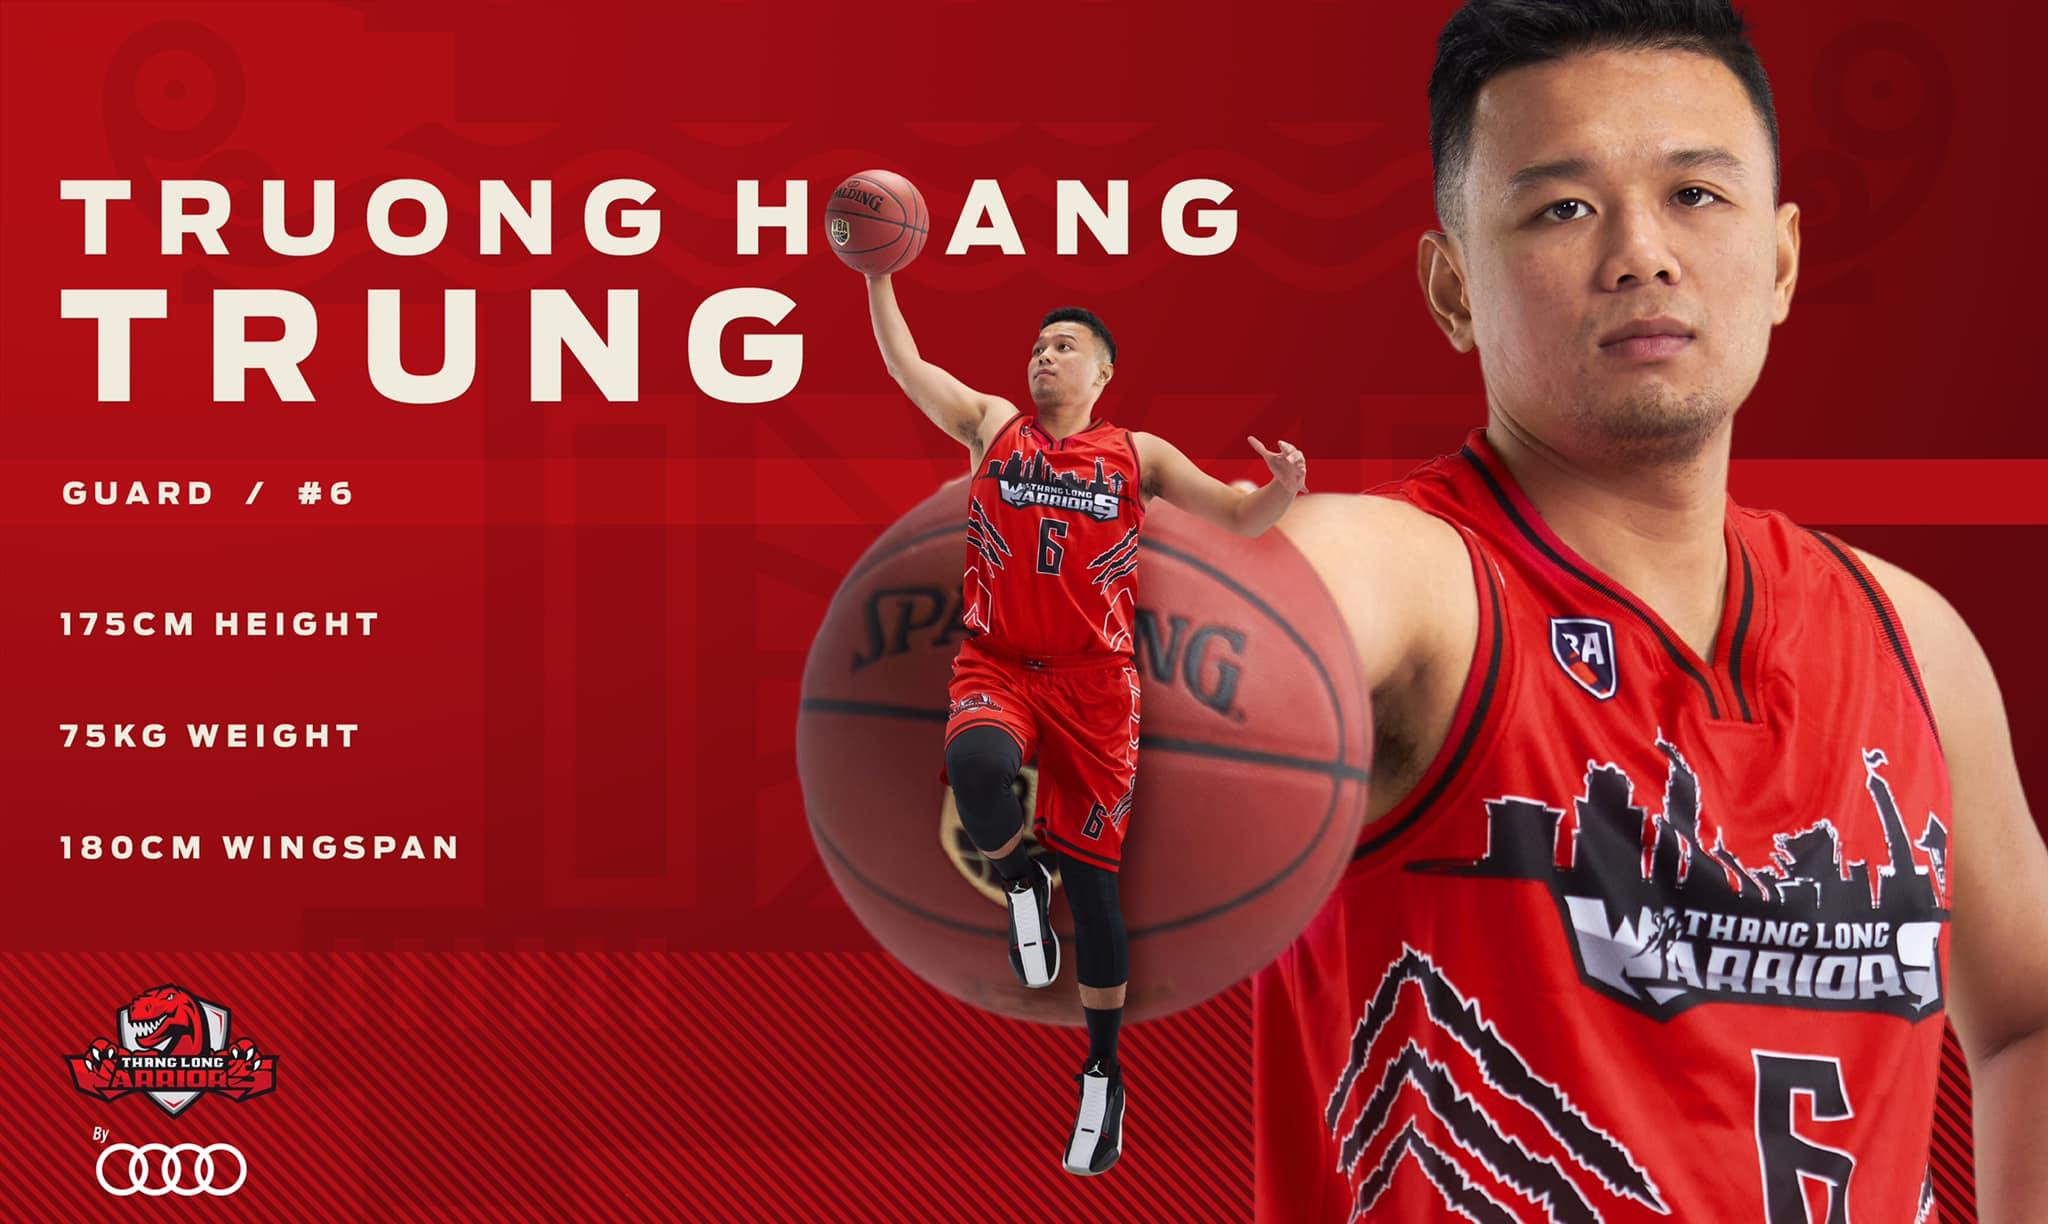 Đội hình chính thức ở VBA 2020 của Thang Long Warriors 12